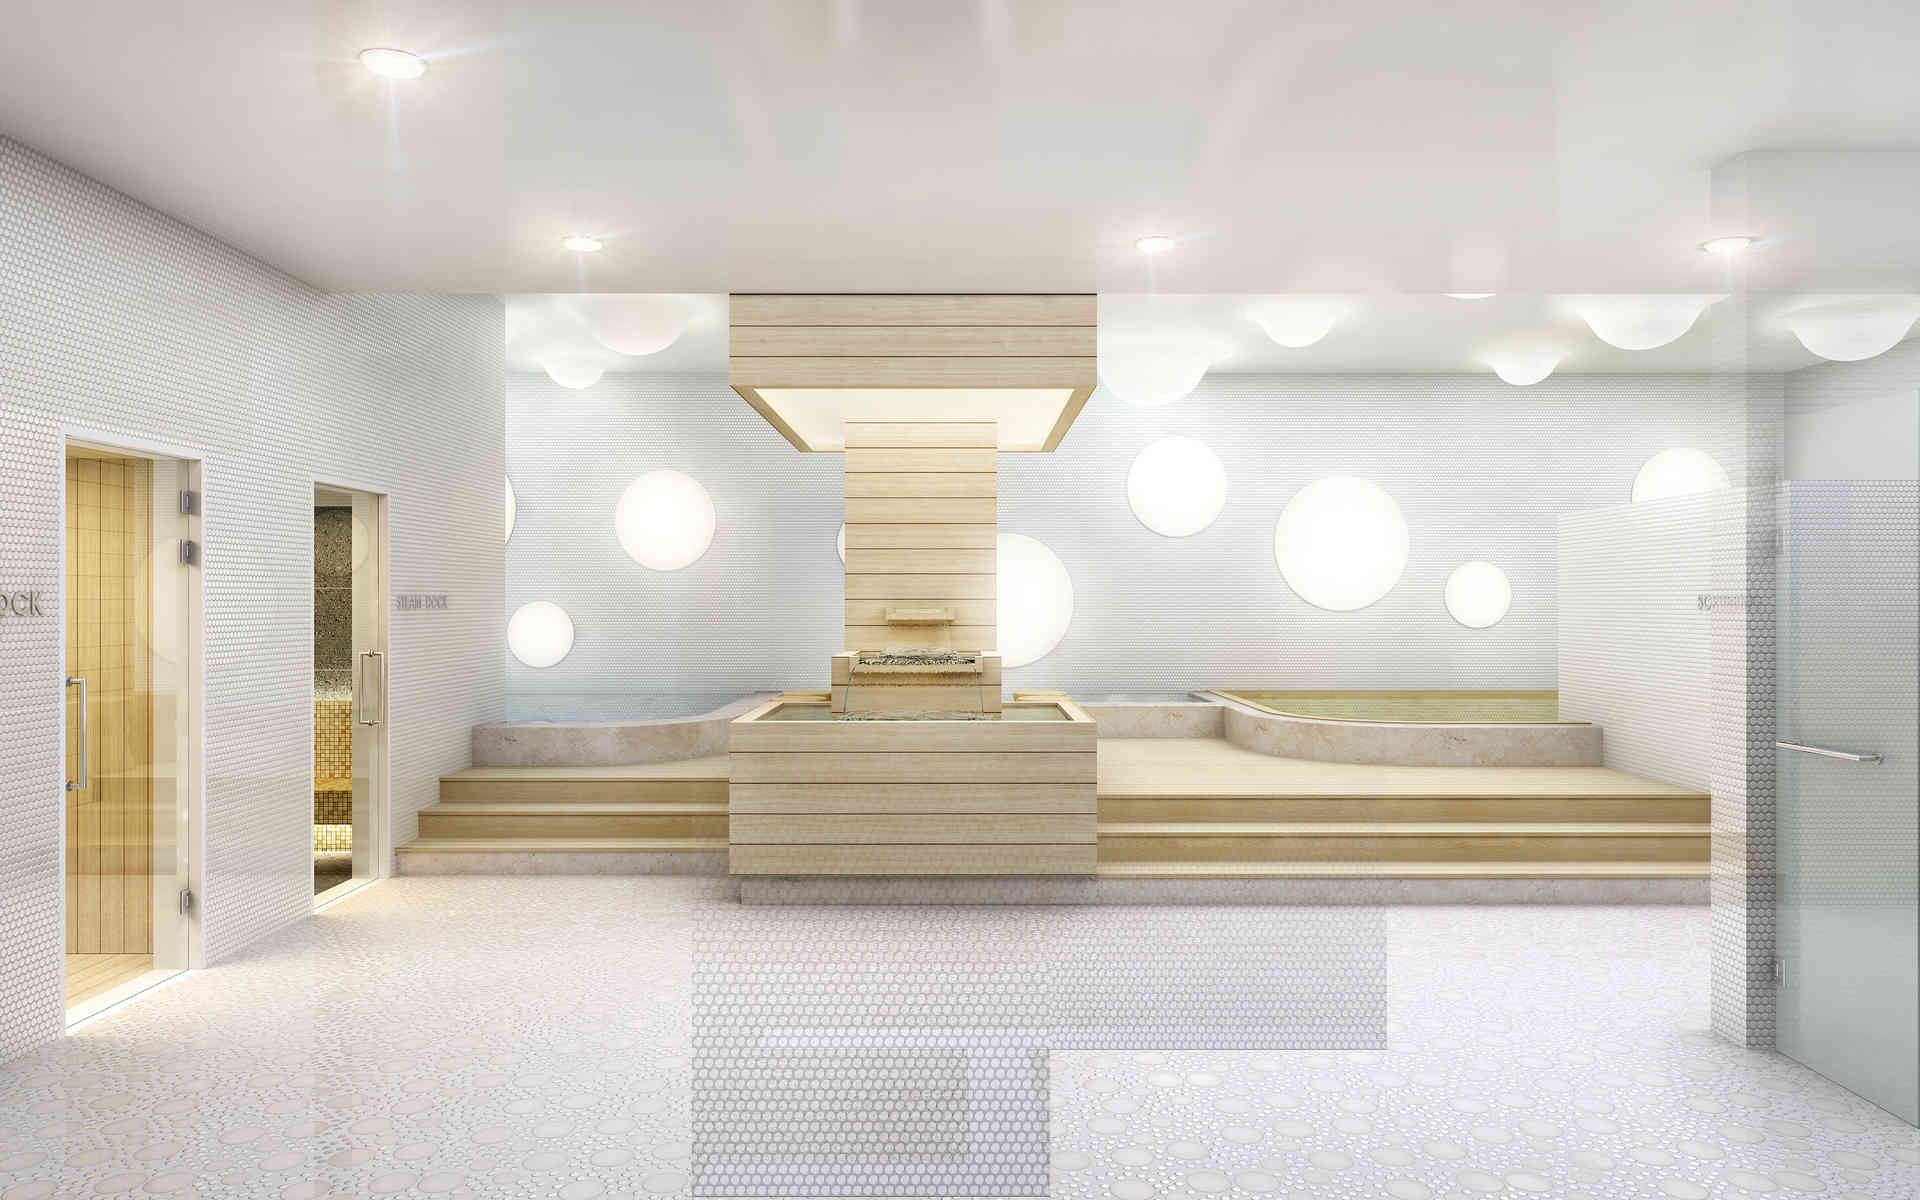 02 sauna-per.jpg